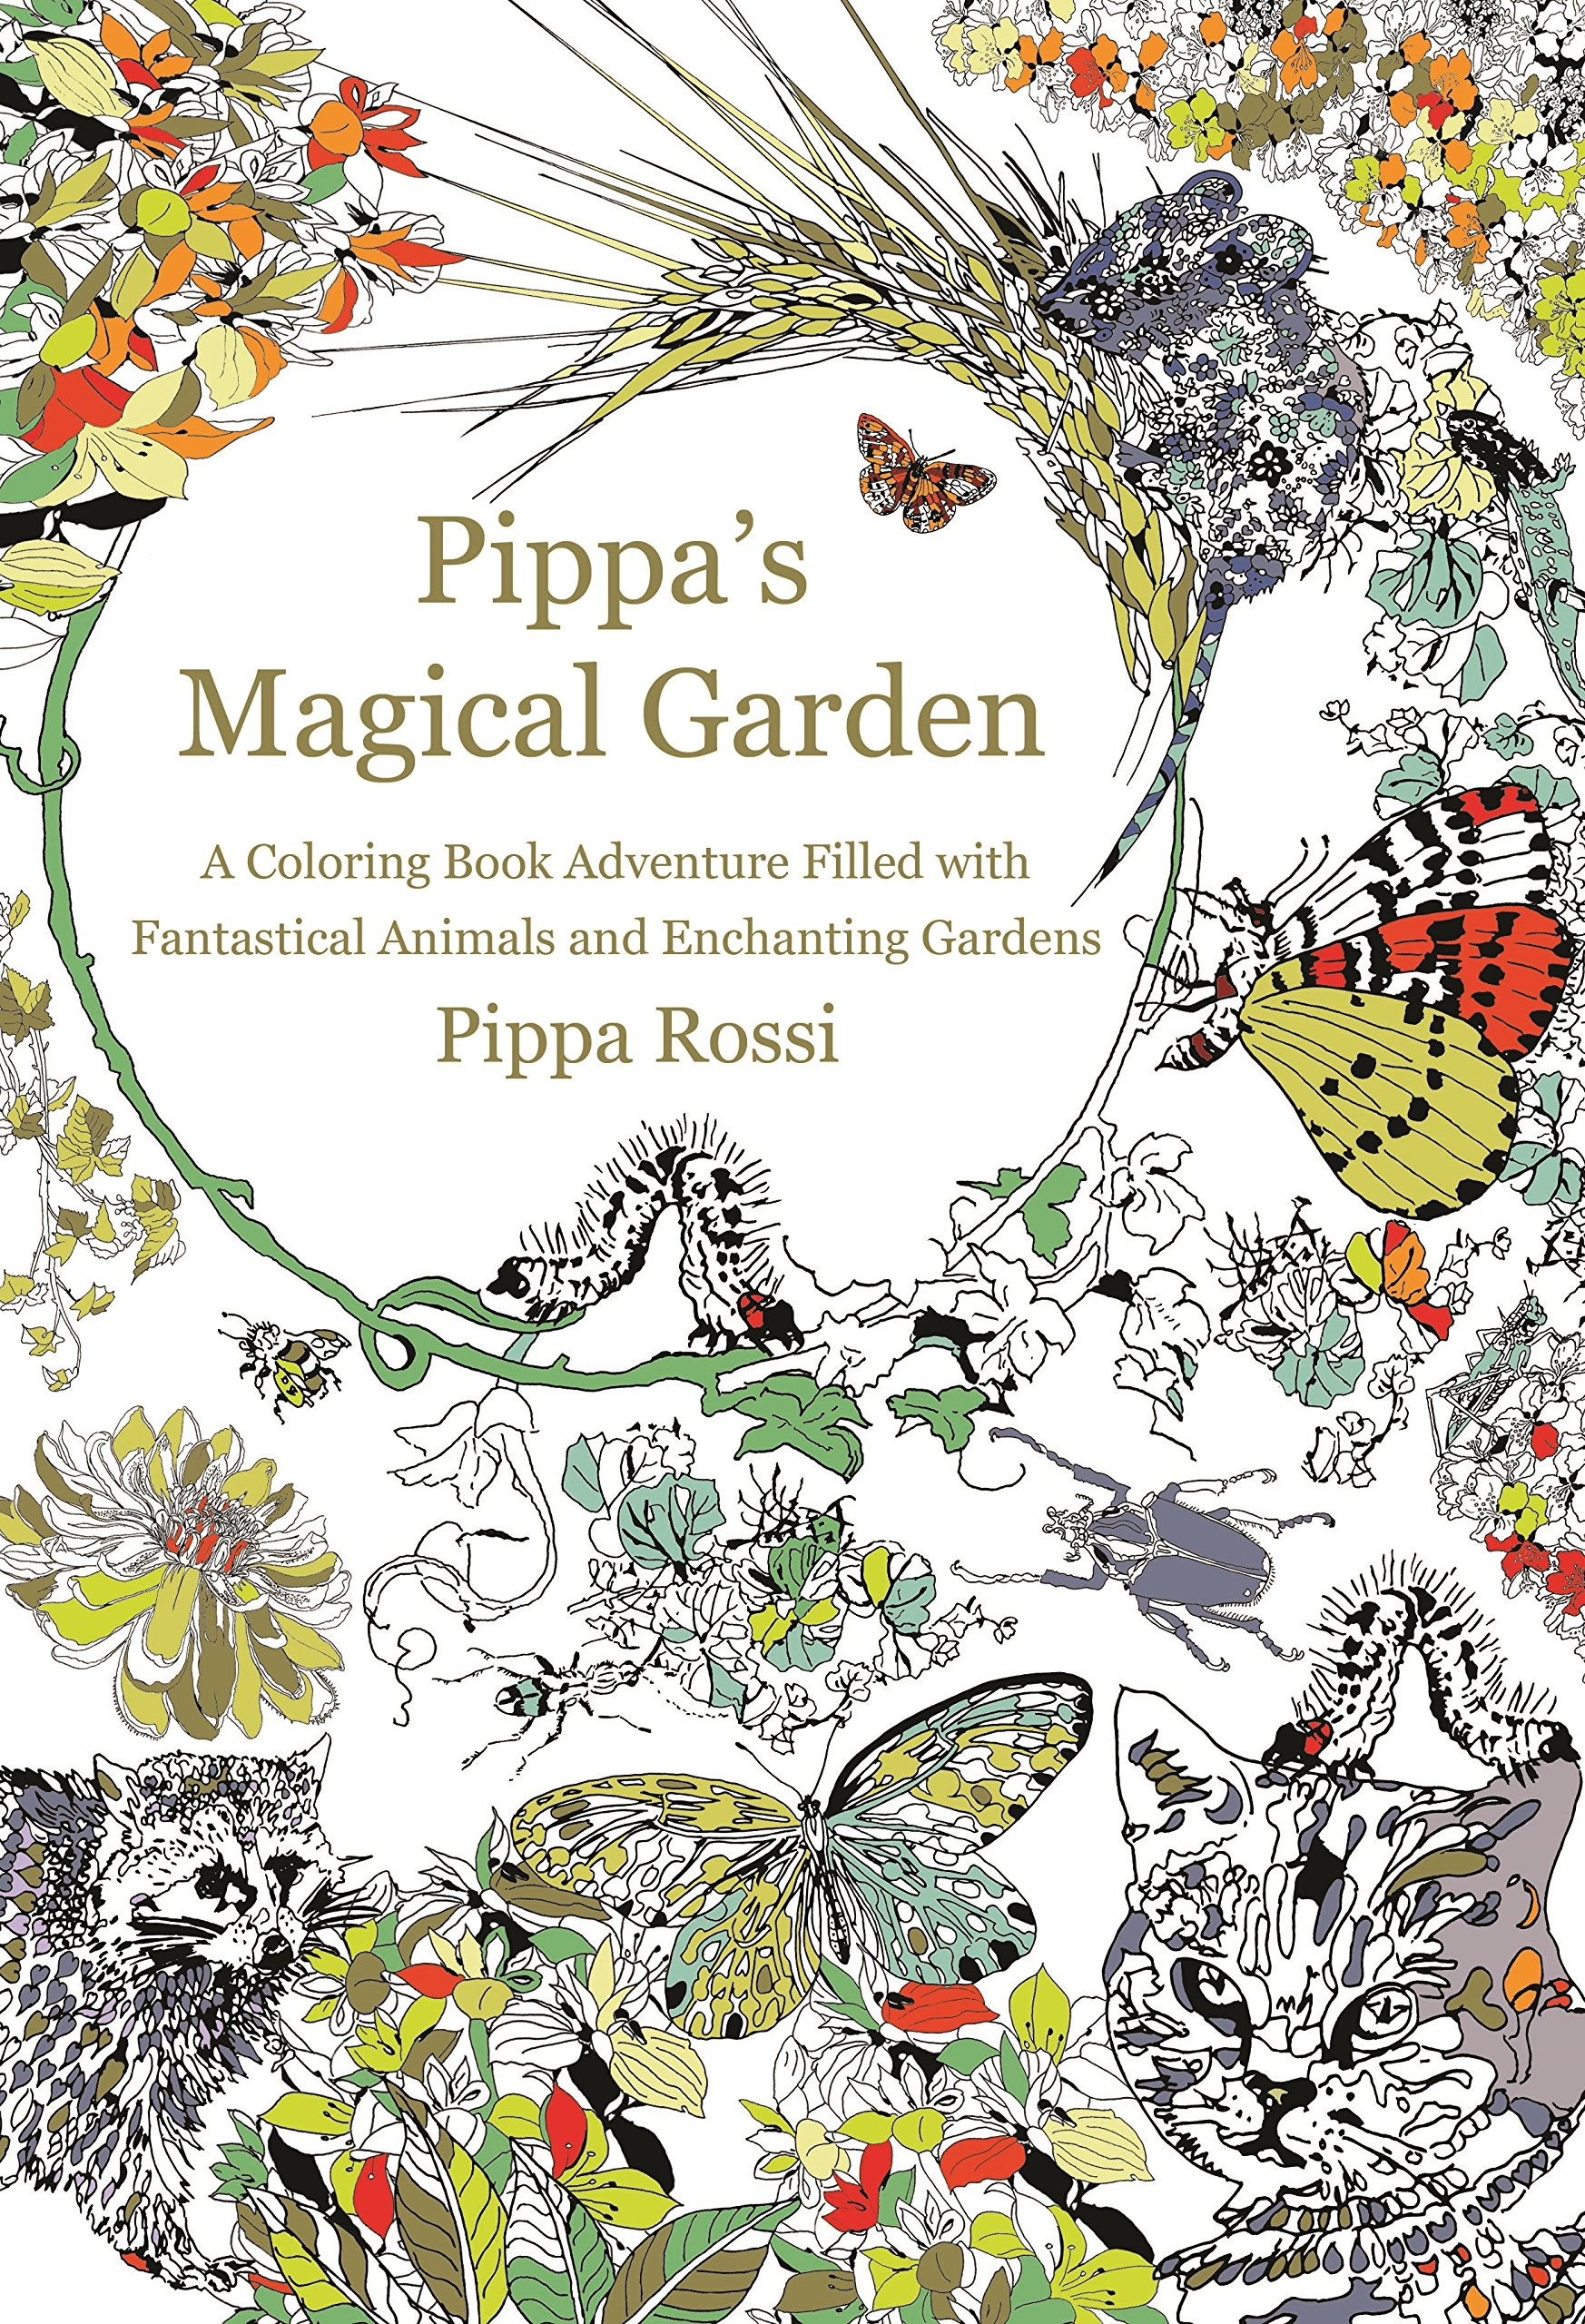 Amazon Com Pippa S Magical Garden A Coloring Book Adventure Filled